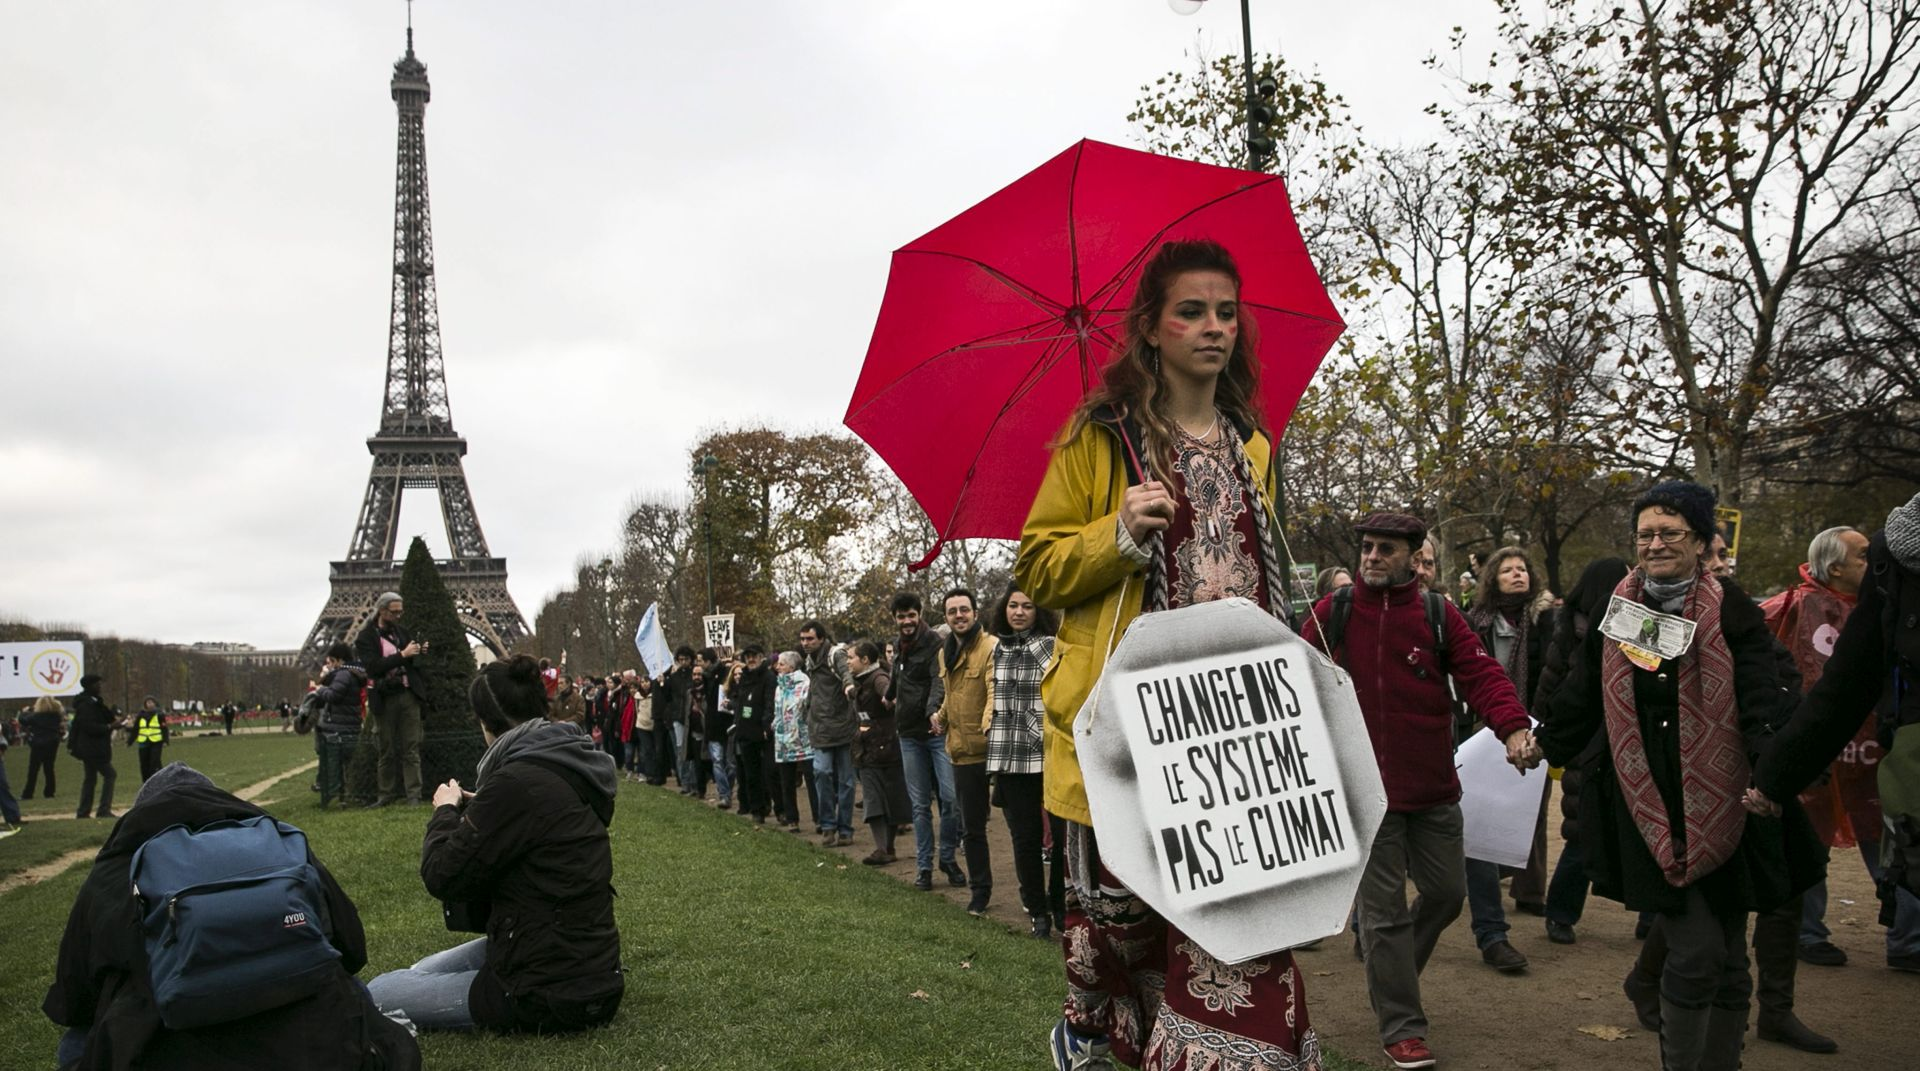 Udruge: Nacrt dogovora o klimi je prekretnica usprkos razlikama